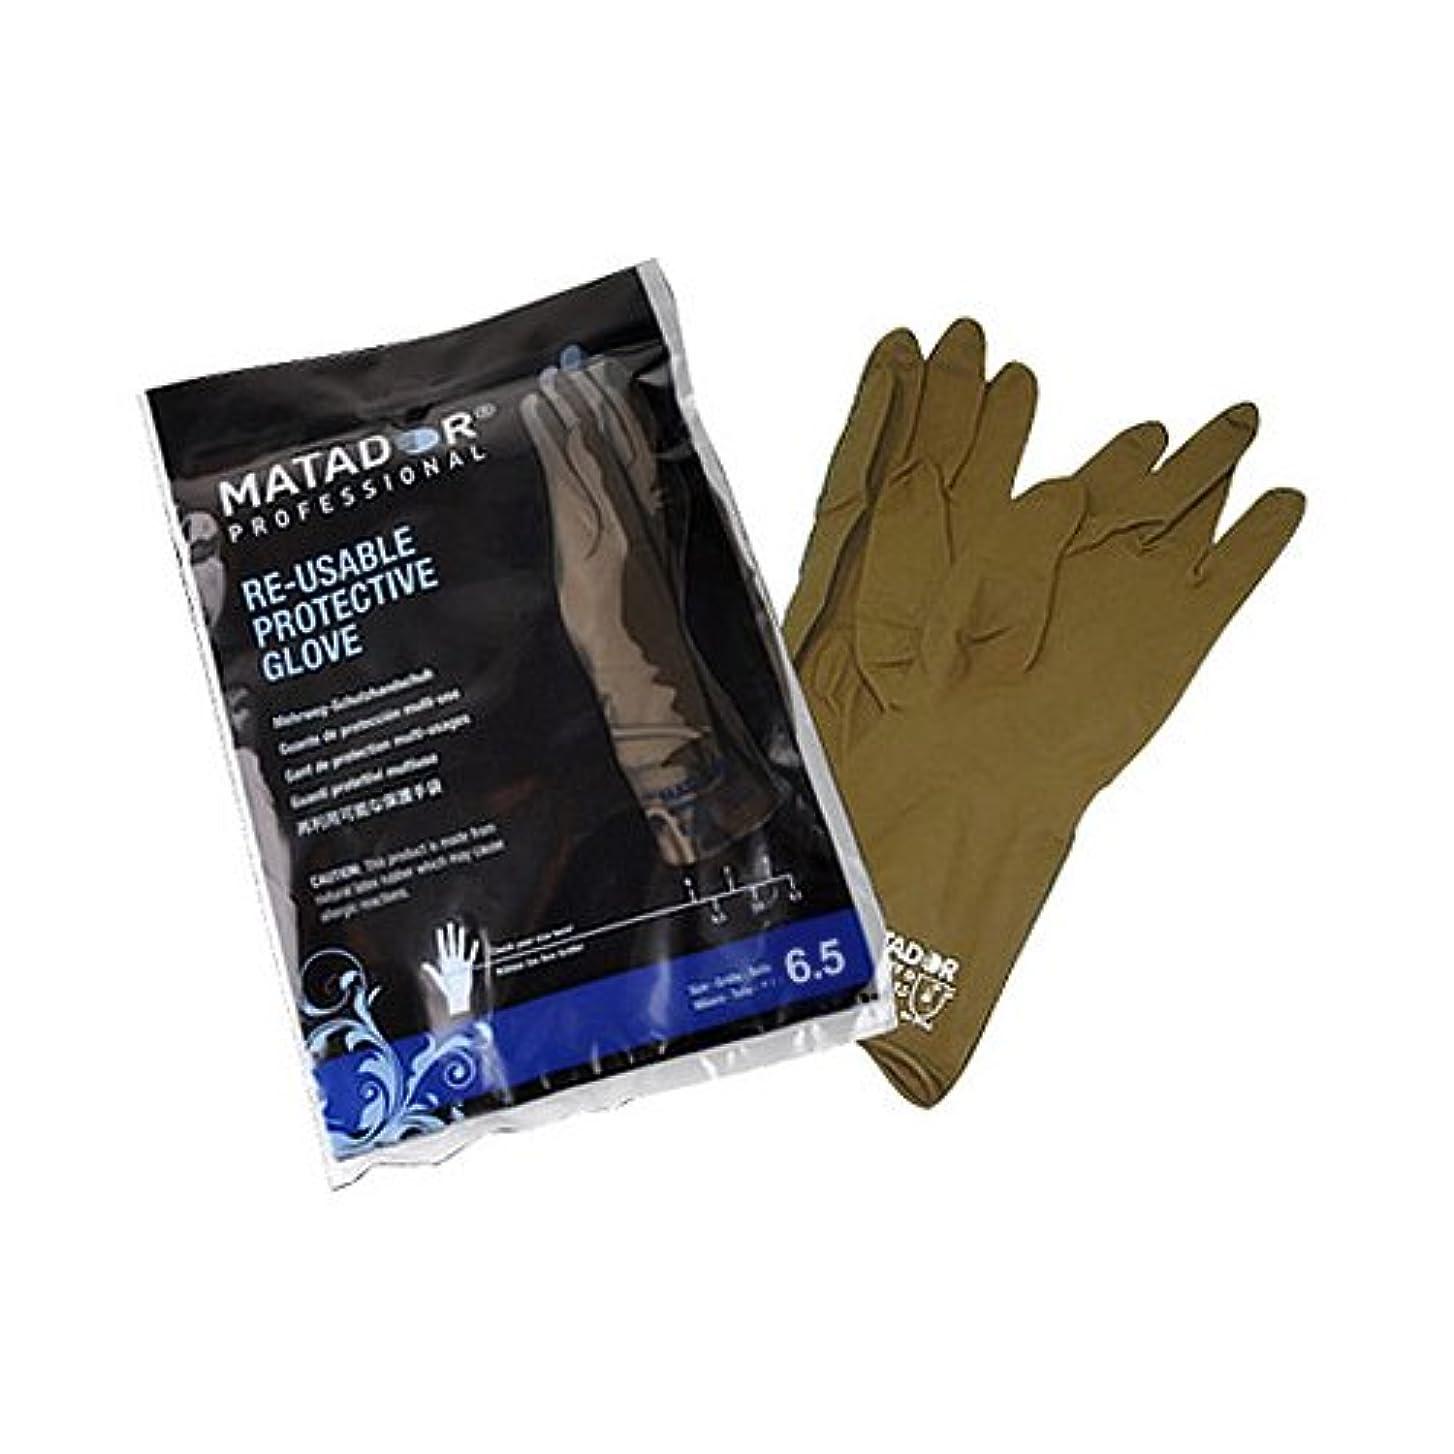 神社ゲート証明するマタドールゴム手袋 6.5吋 【10個セット】